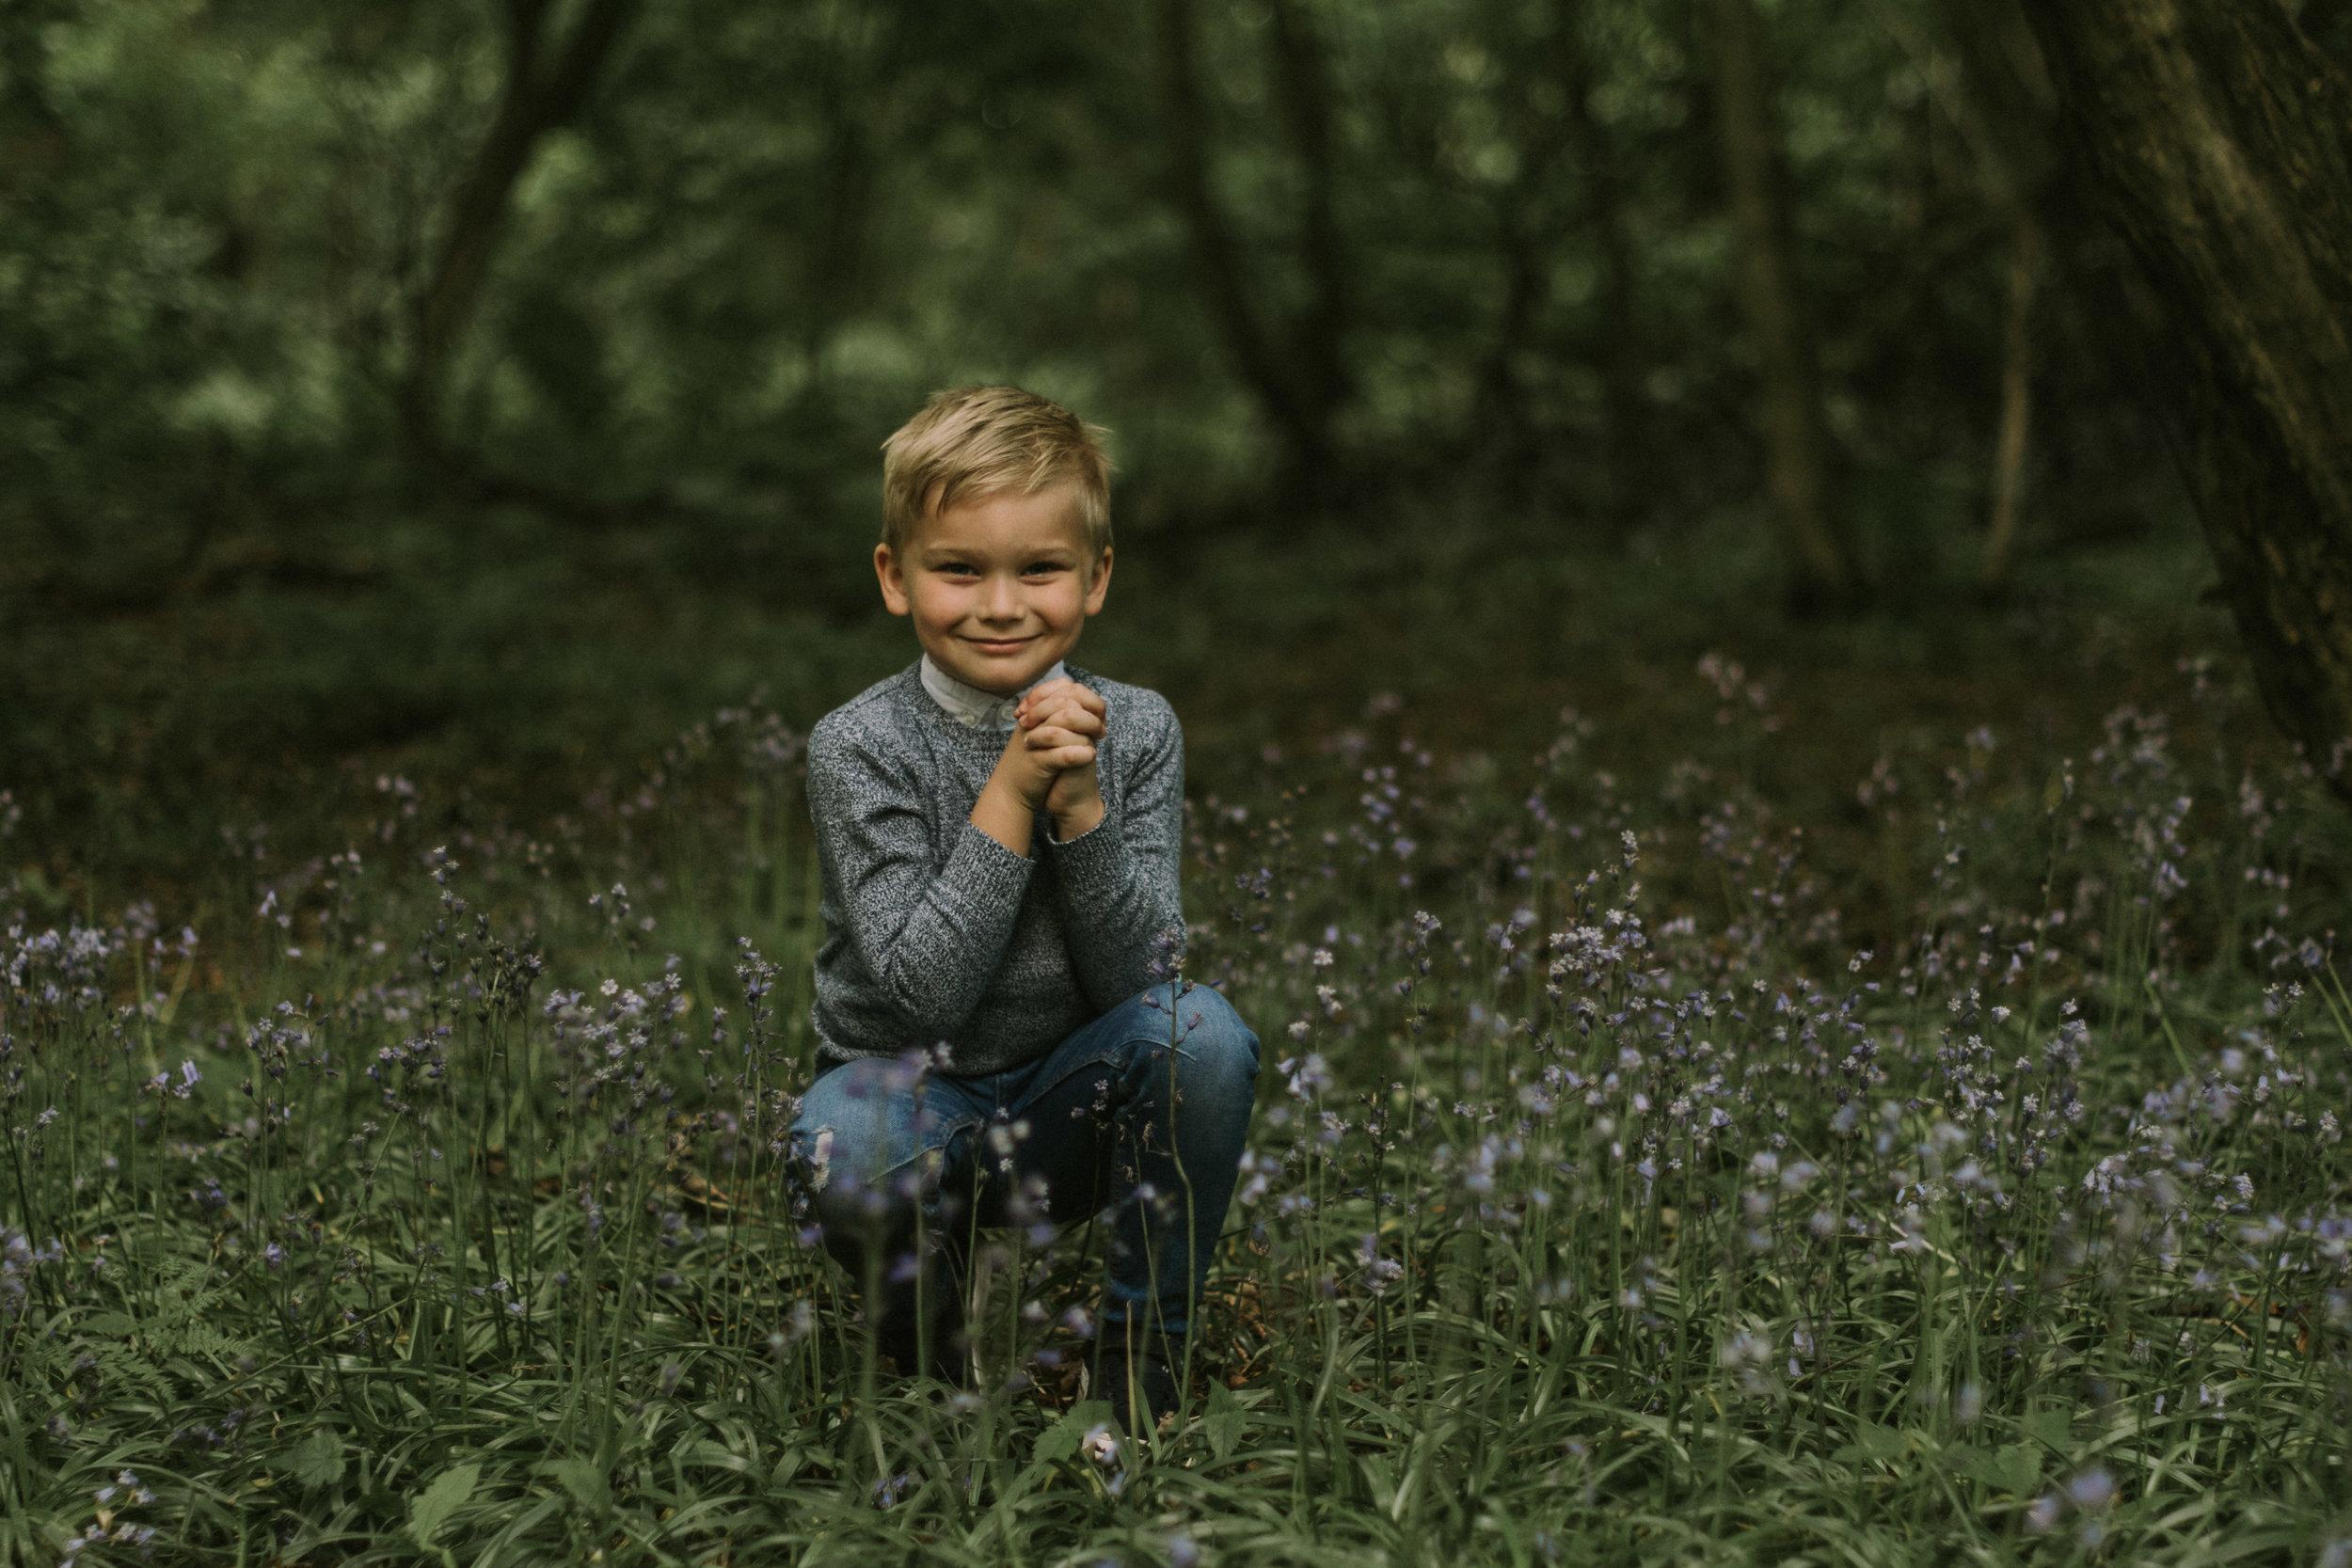 cheshire family photographer cheshire child photographer cheshire lifestyle photographer (1 of 1).jpg